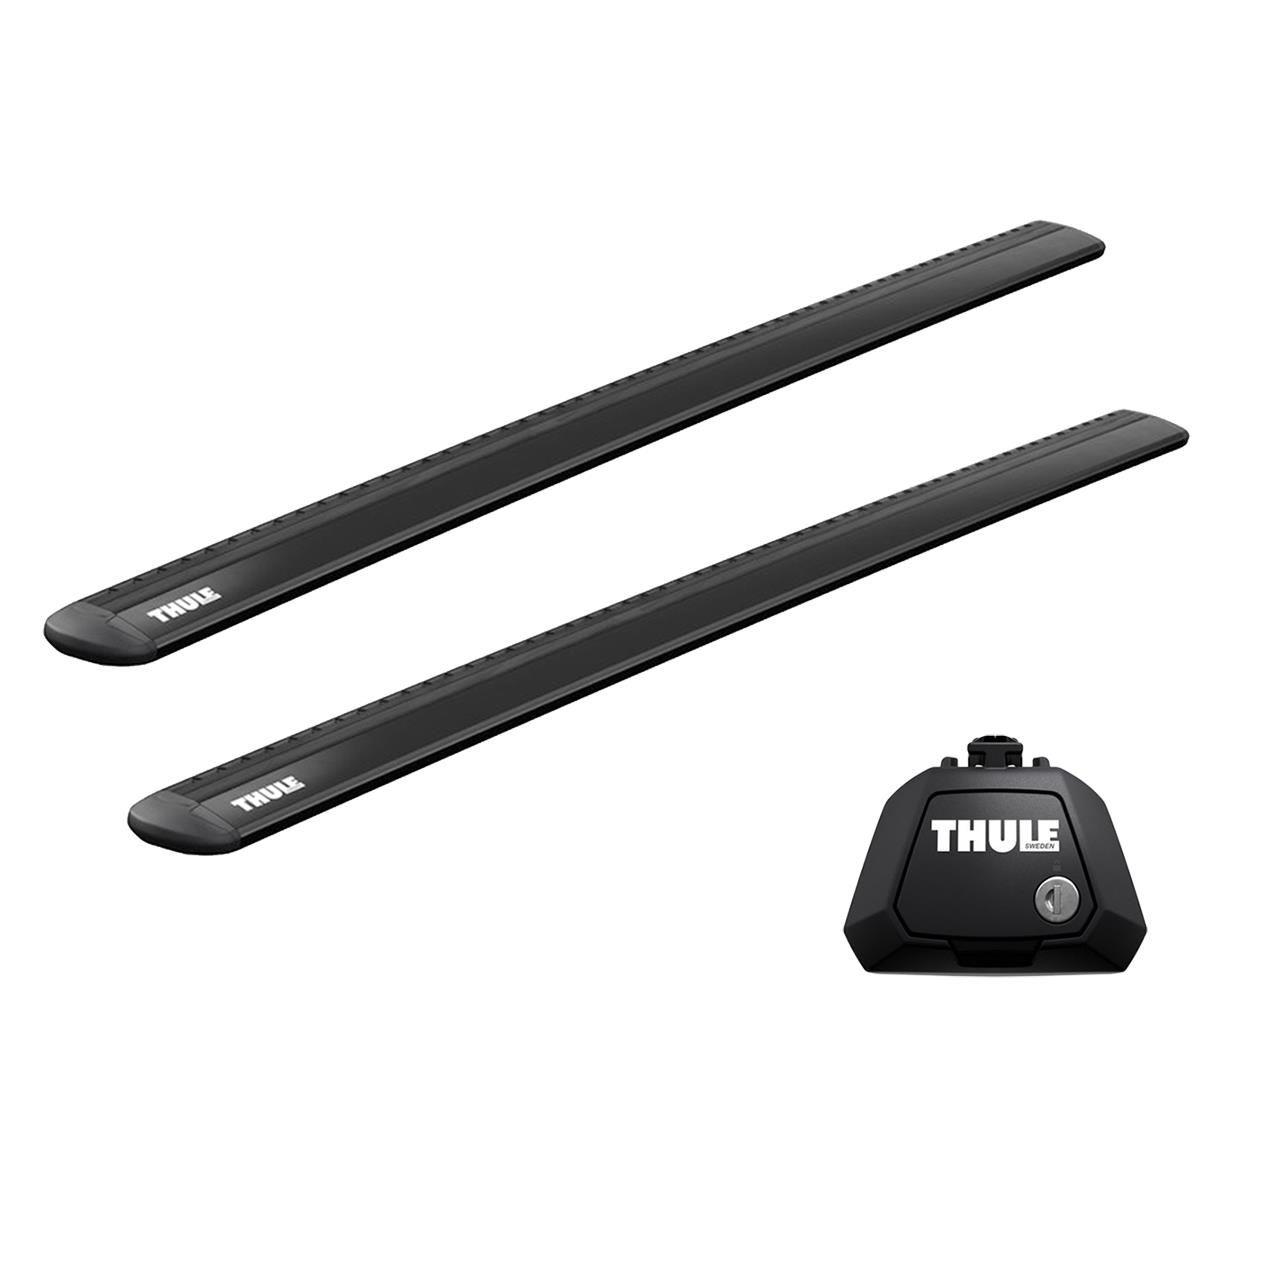 Напречни греди Thule Evo Raised Rail WingBar Evo 127cm в Черно за HYUNDAI Terracan 5 врати SUV 01-07 с фабрични надлъжни греди с просвет 1